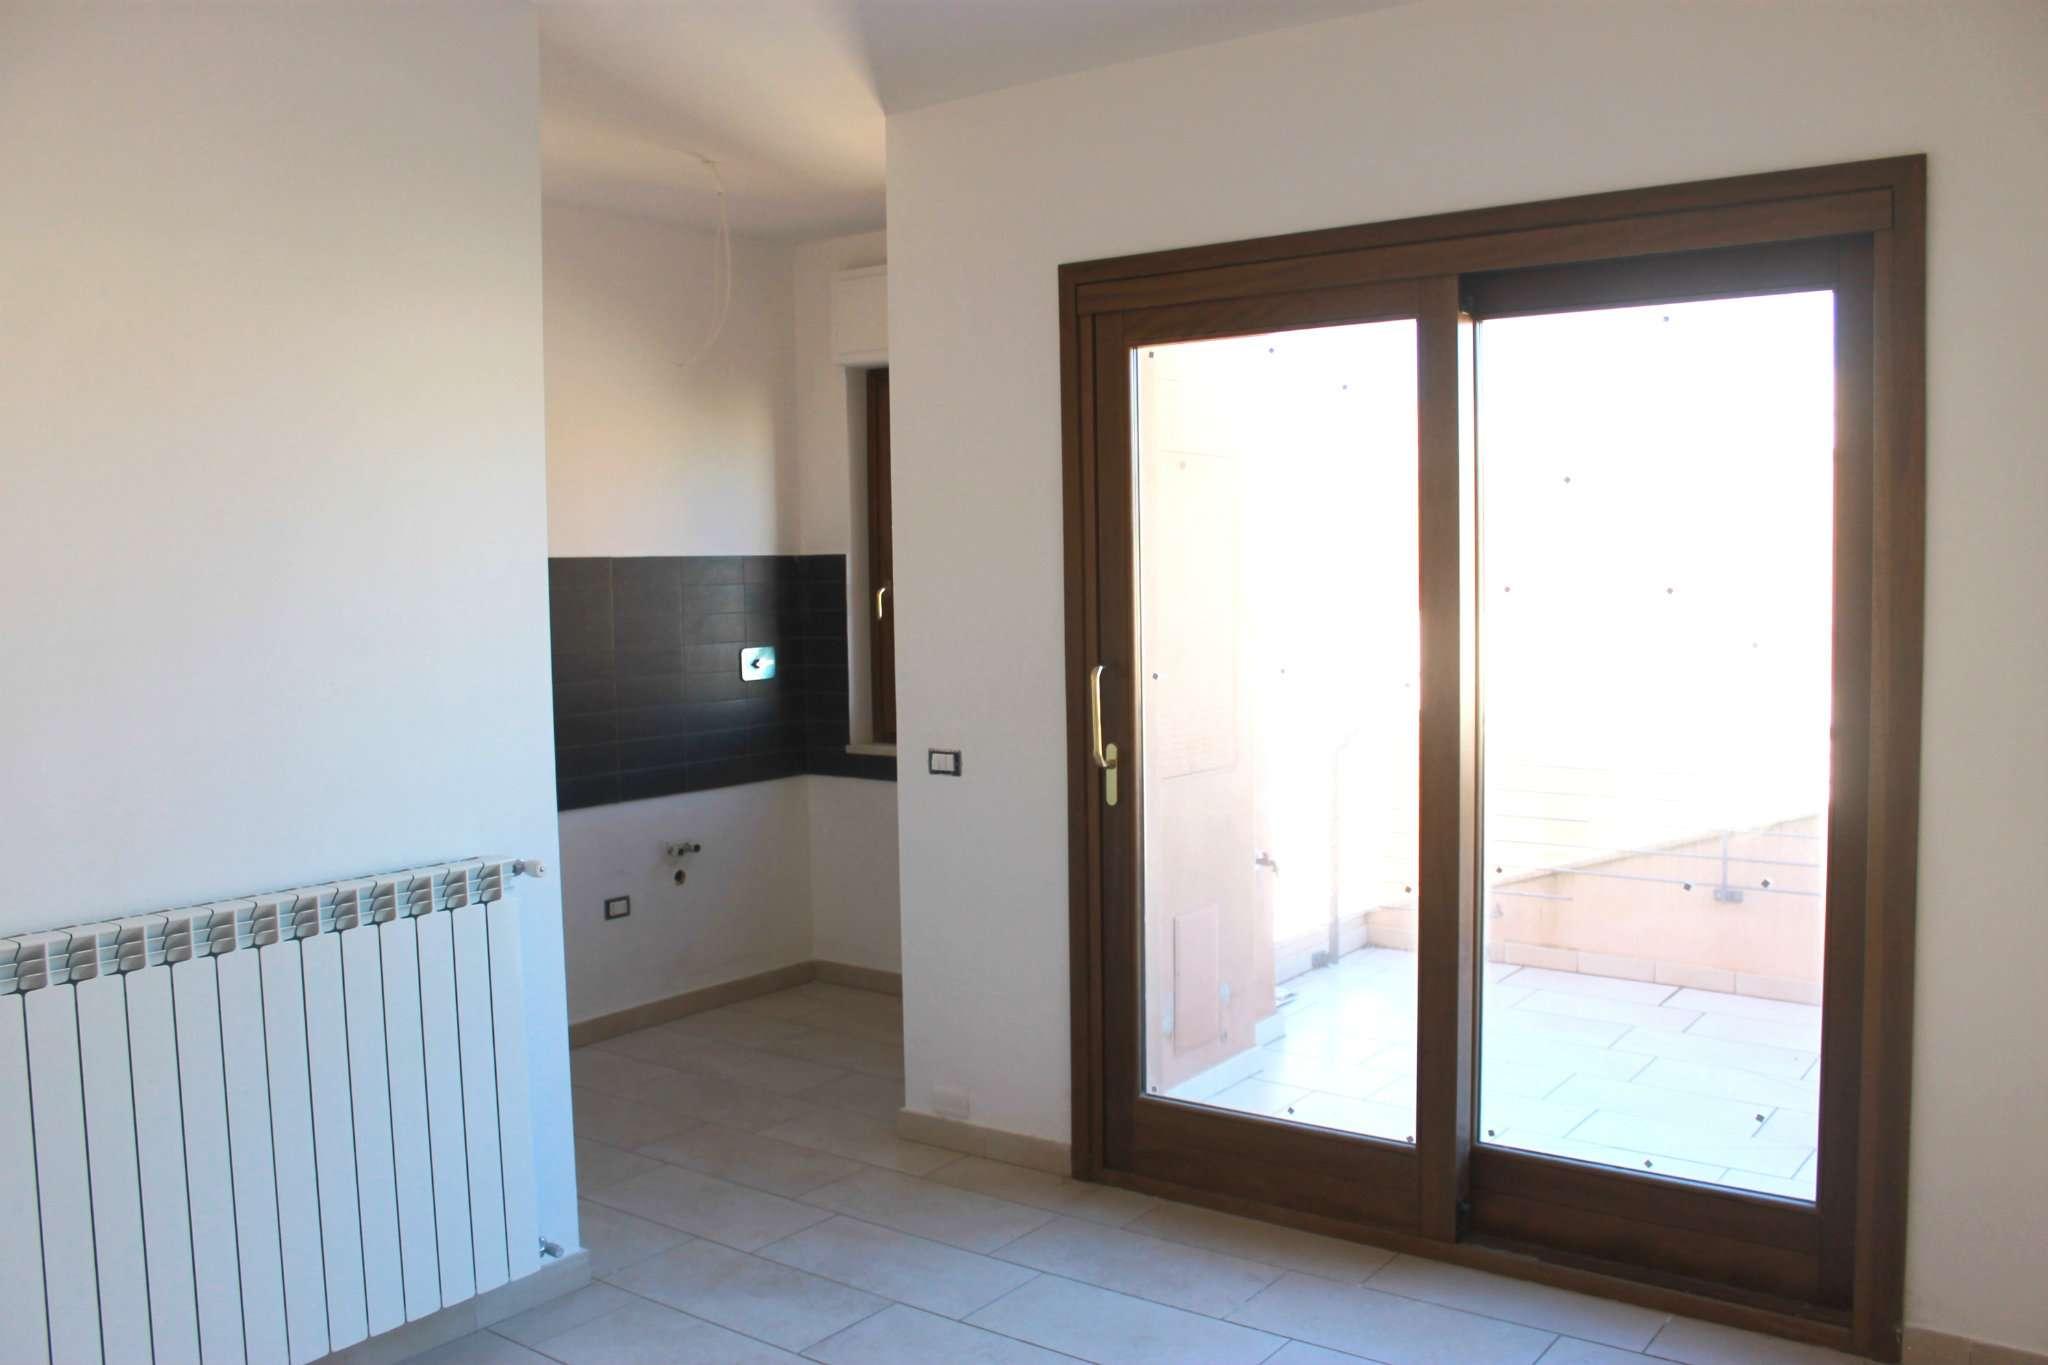 Bilocale vendita olbia via dell 39 ambra for Planimetrie dell appartamento seminterrato